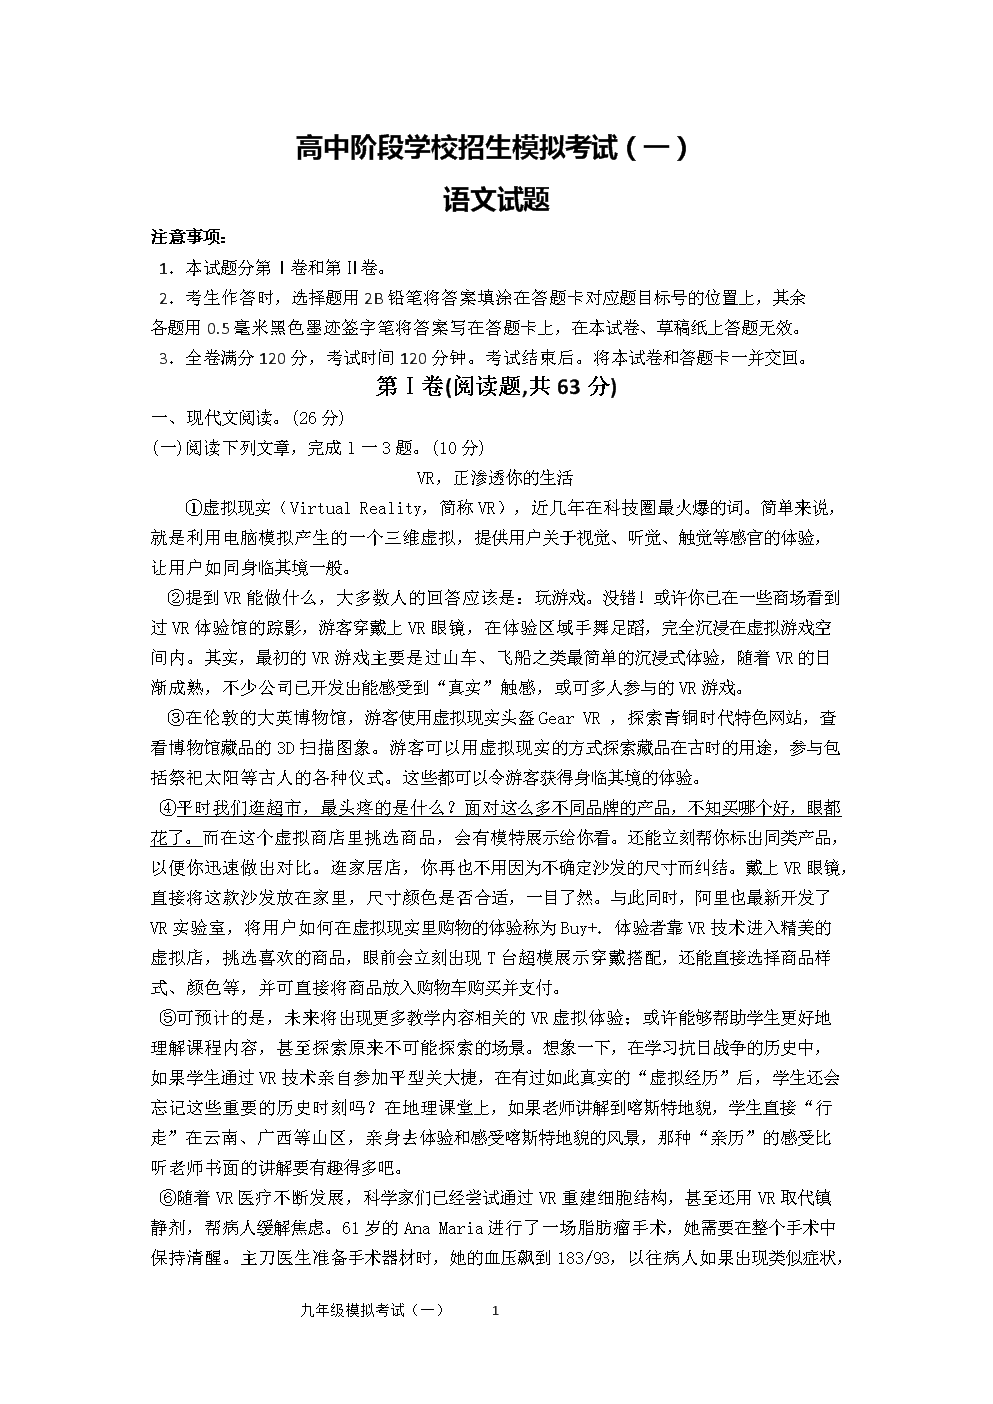 中考语文模拟题(共2套).docx